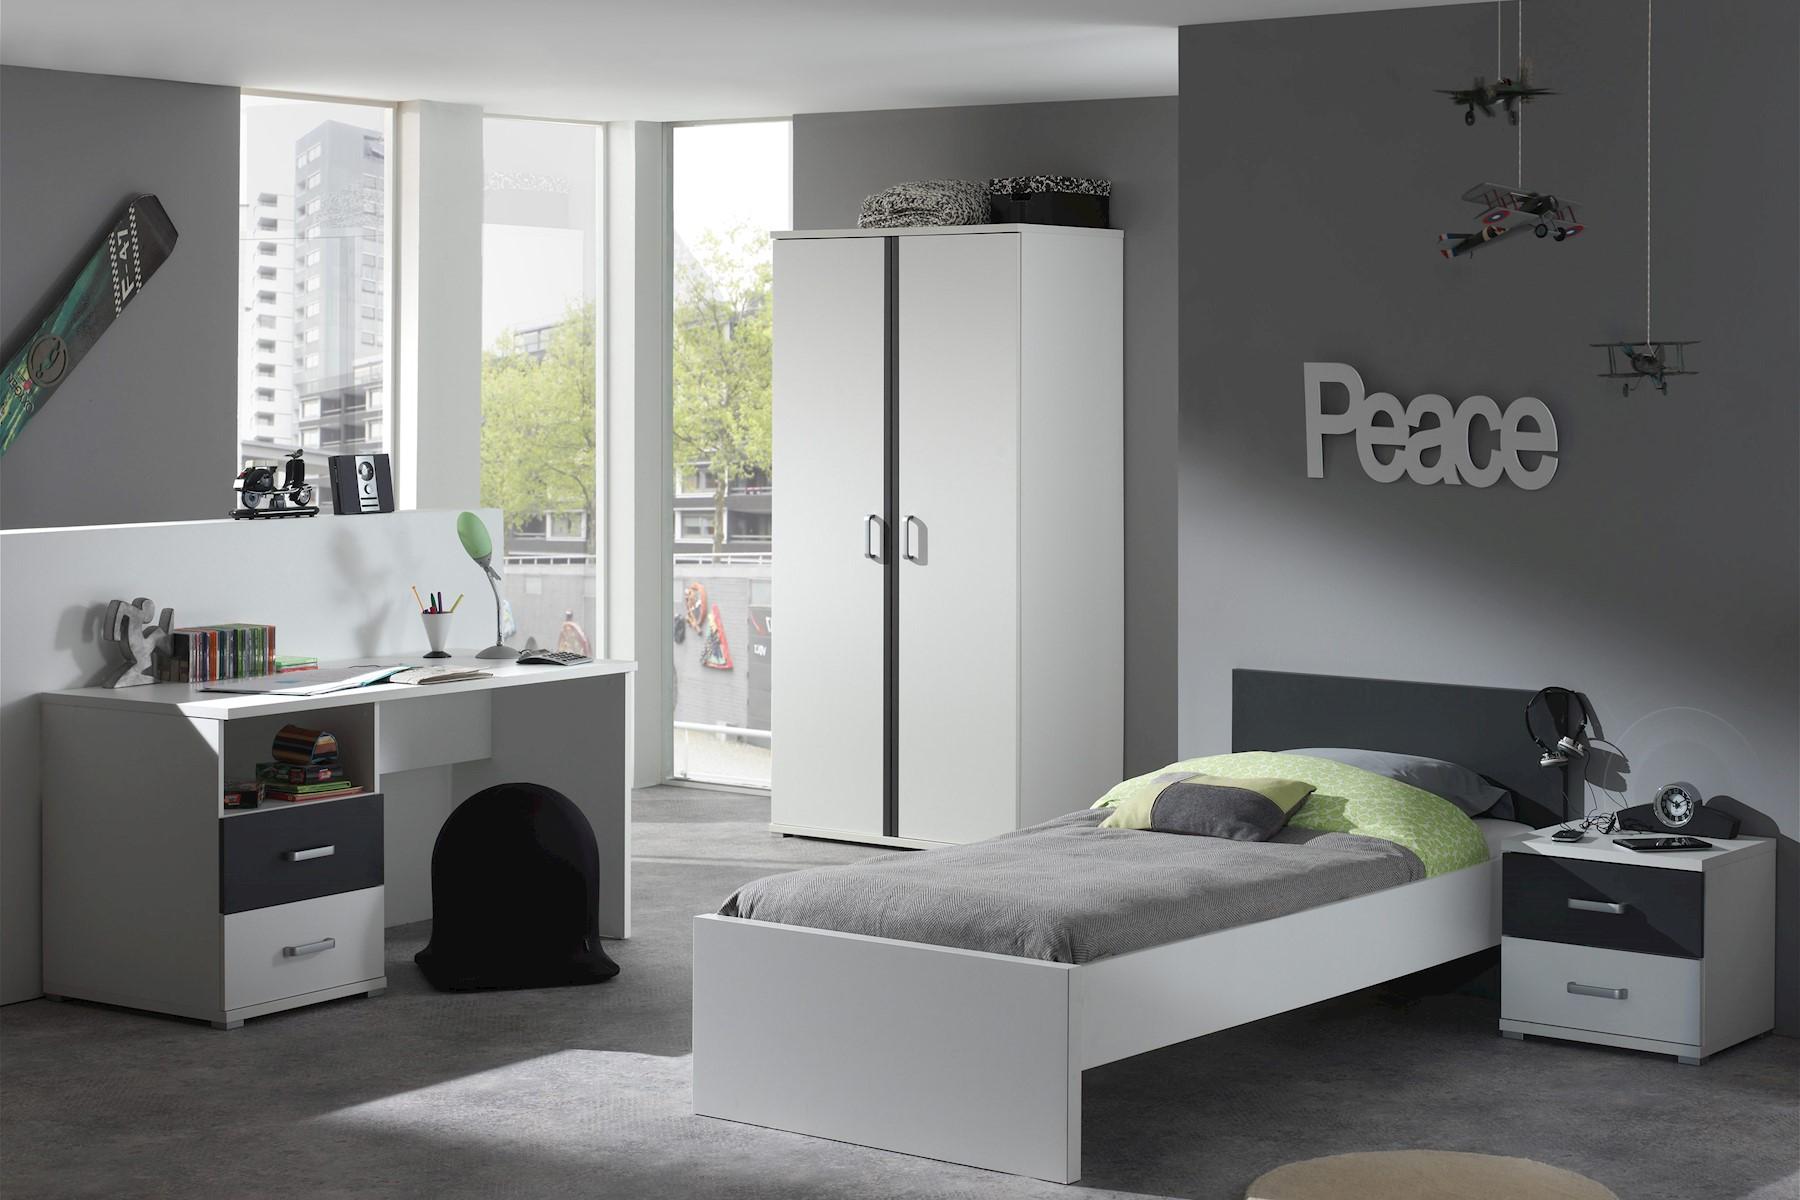 Jugendzimmer komplett Set Linde 4-teilig in Weiß-Anthrazit